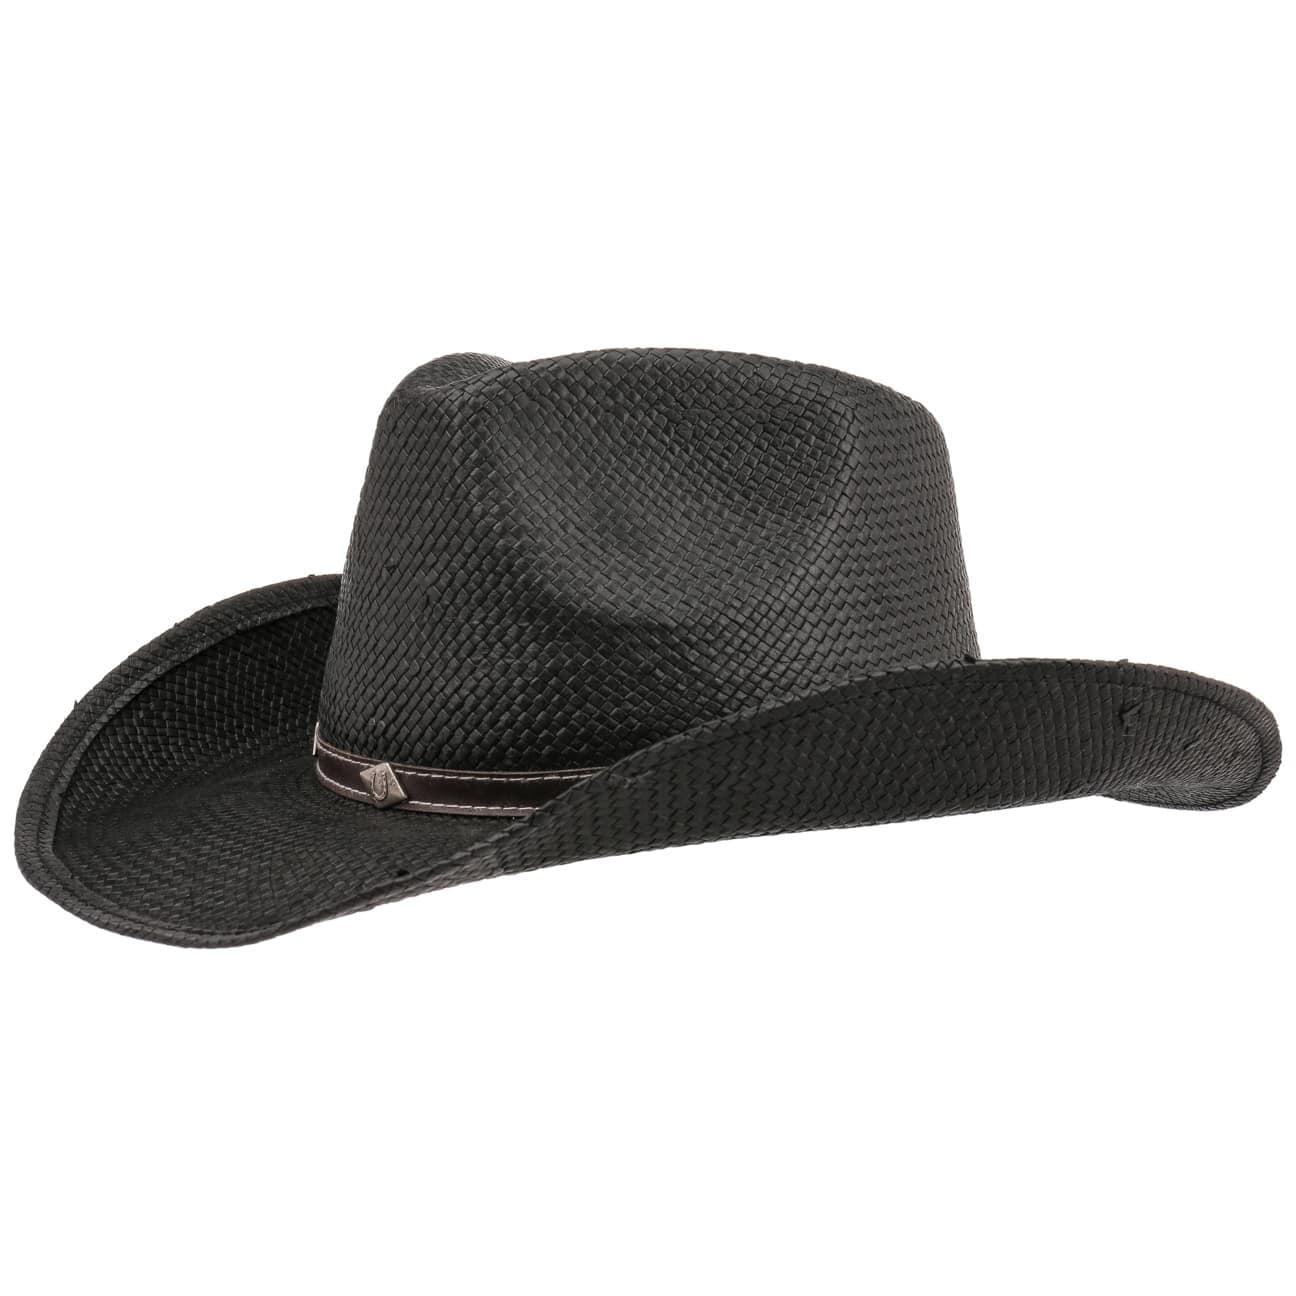 Sombrero de Paja Toyo Western by Conner  sombrero de verano